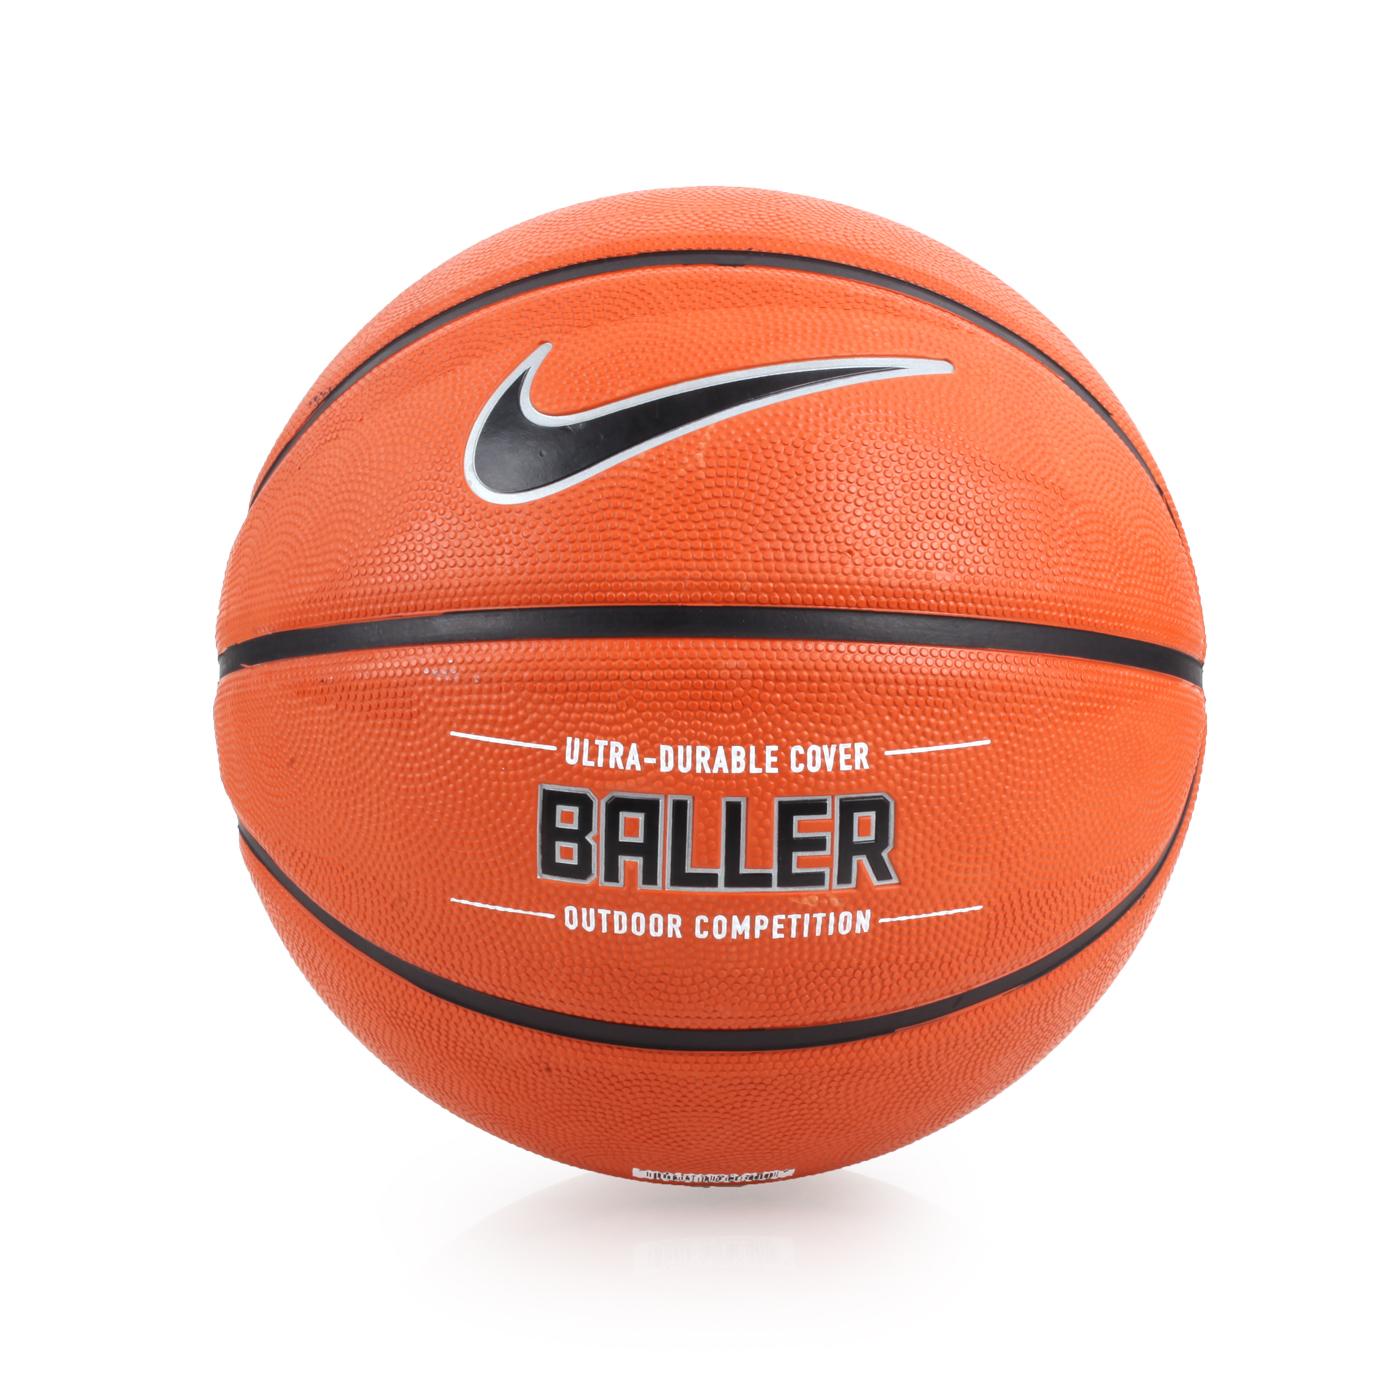 NIKE BALLER 7號籃球 NKI3285507 - 橘黑